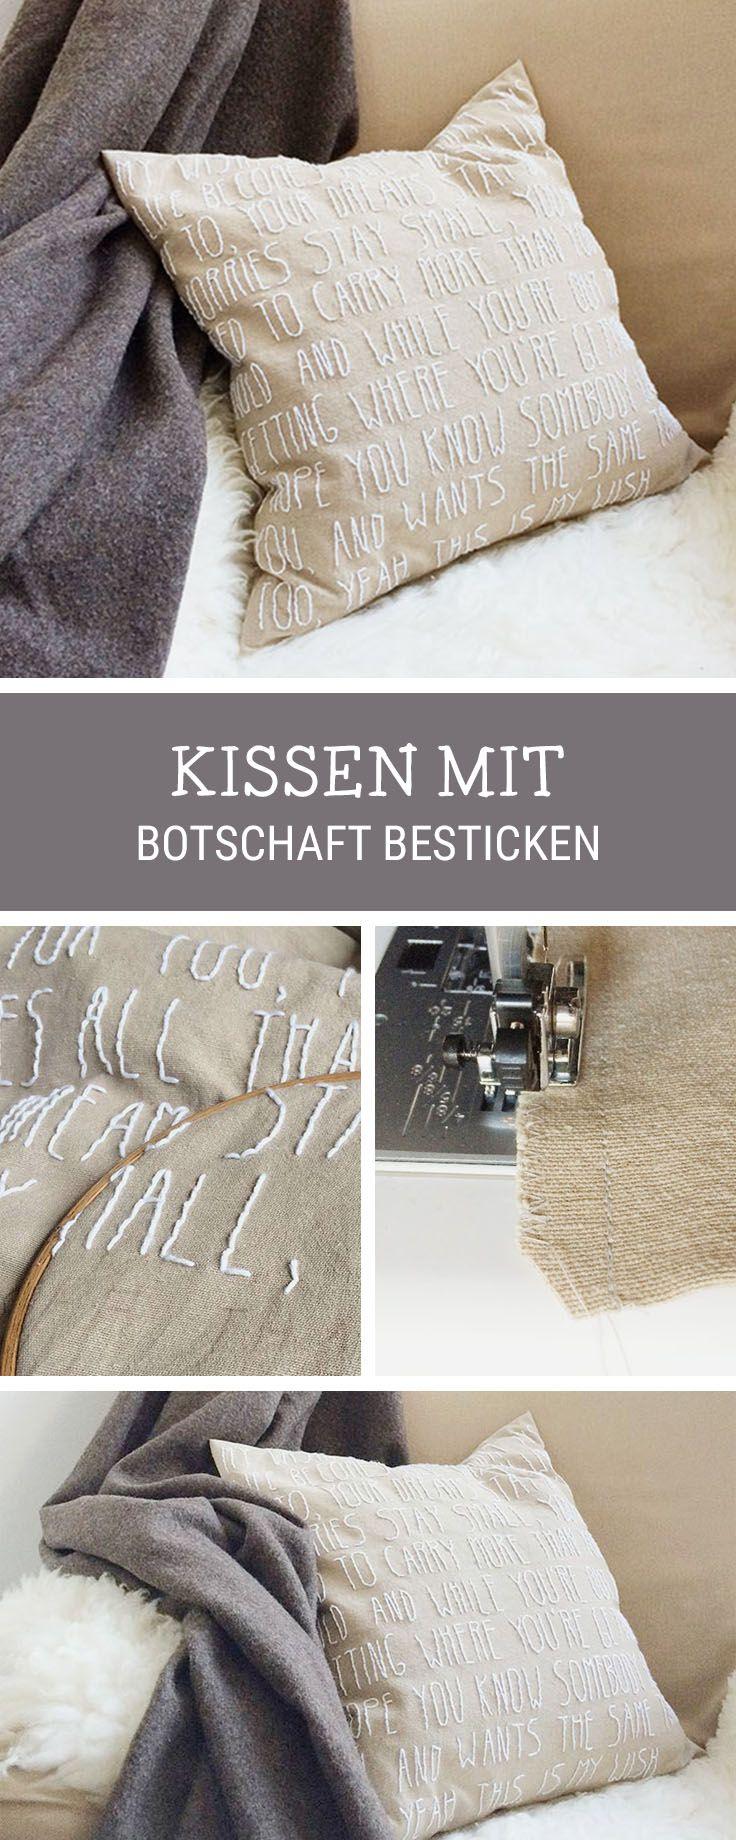 Stickanleitung für ein personalisierbares Kissen, Schrift sticken / embroidery inspiration: how to stitch letters on a cushion via DaWanda.com